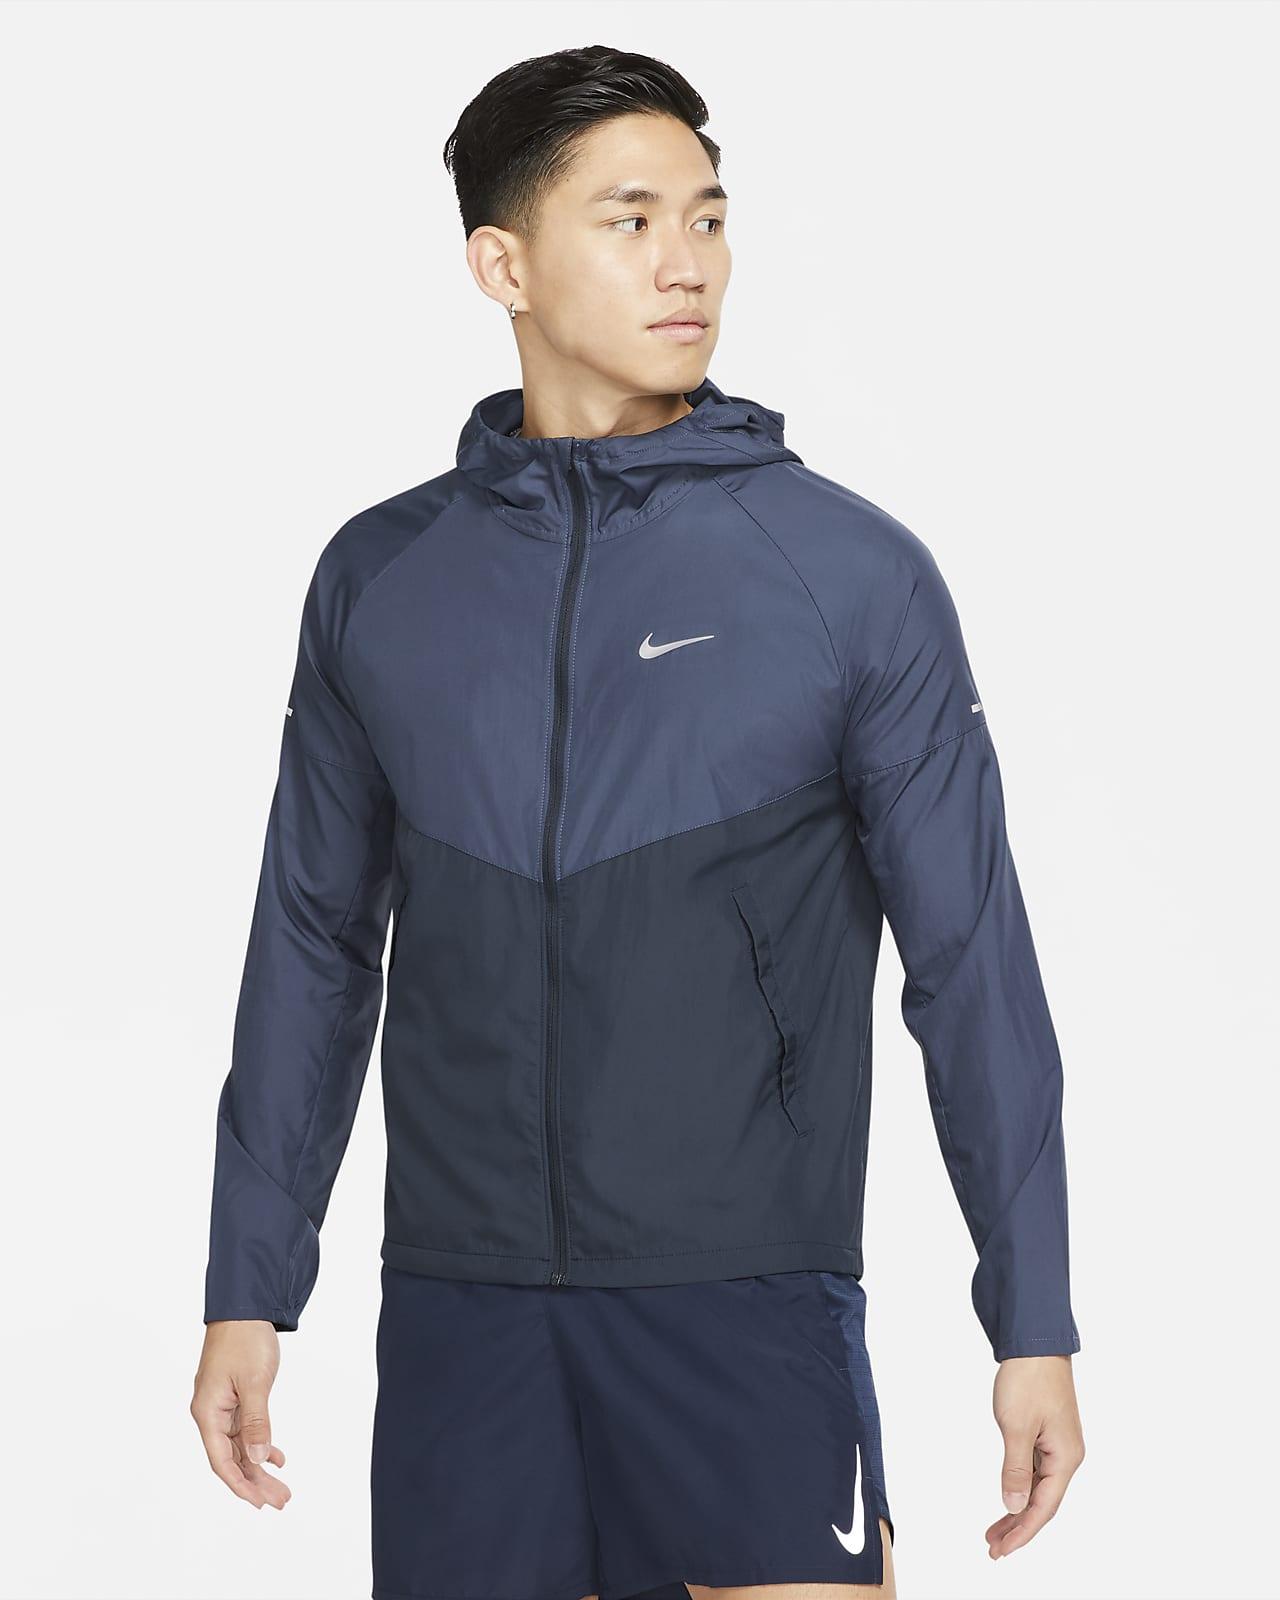 เสื้อแจ็คเก็ตวิ่งผู้ชาย Nike Repel Miler